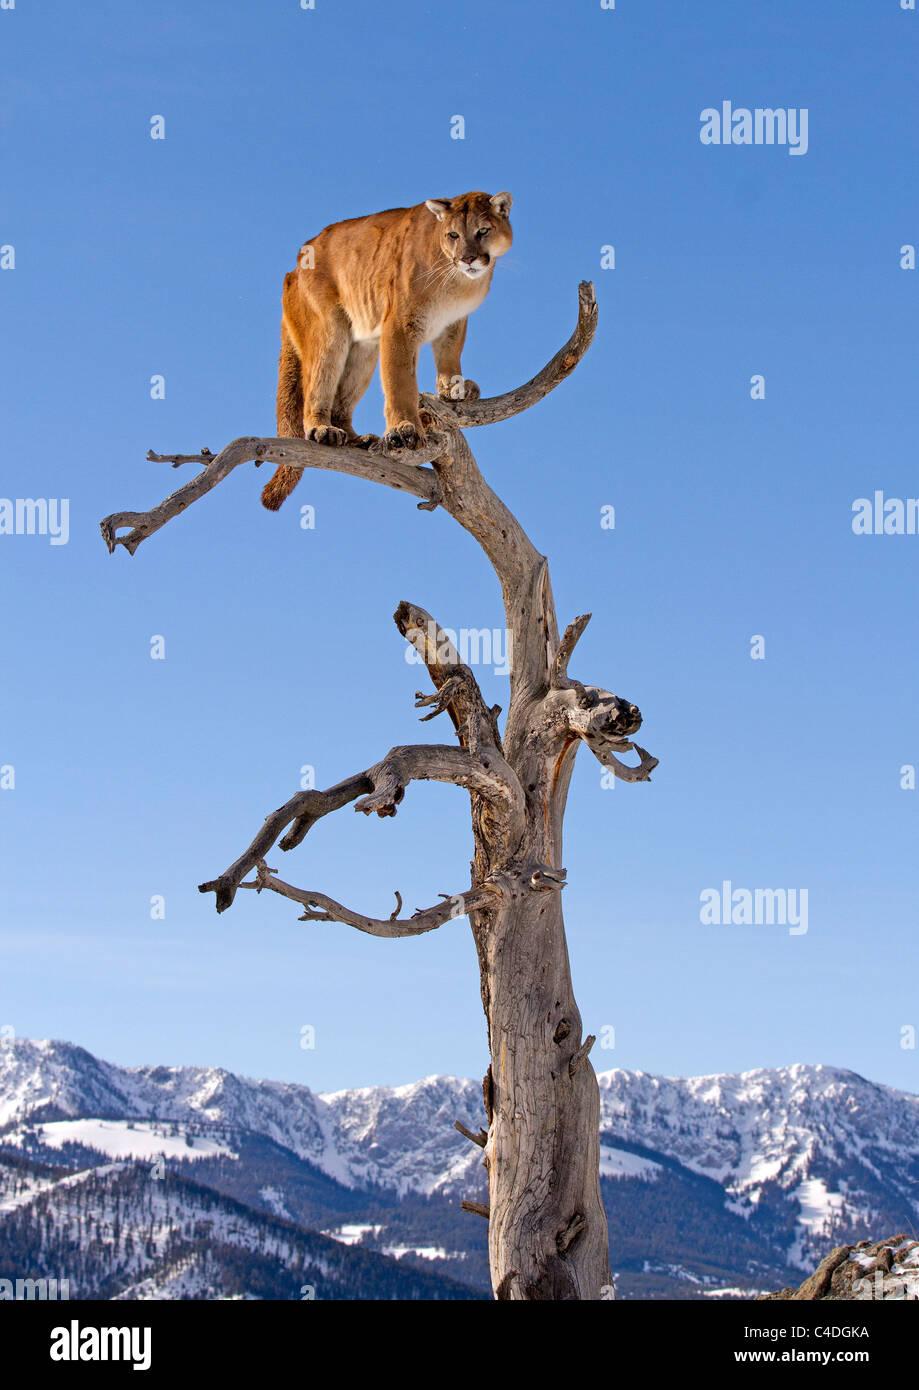 Mountain Lion, Felis concolor árbol arriba Imagen De Stock